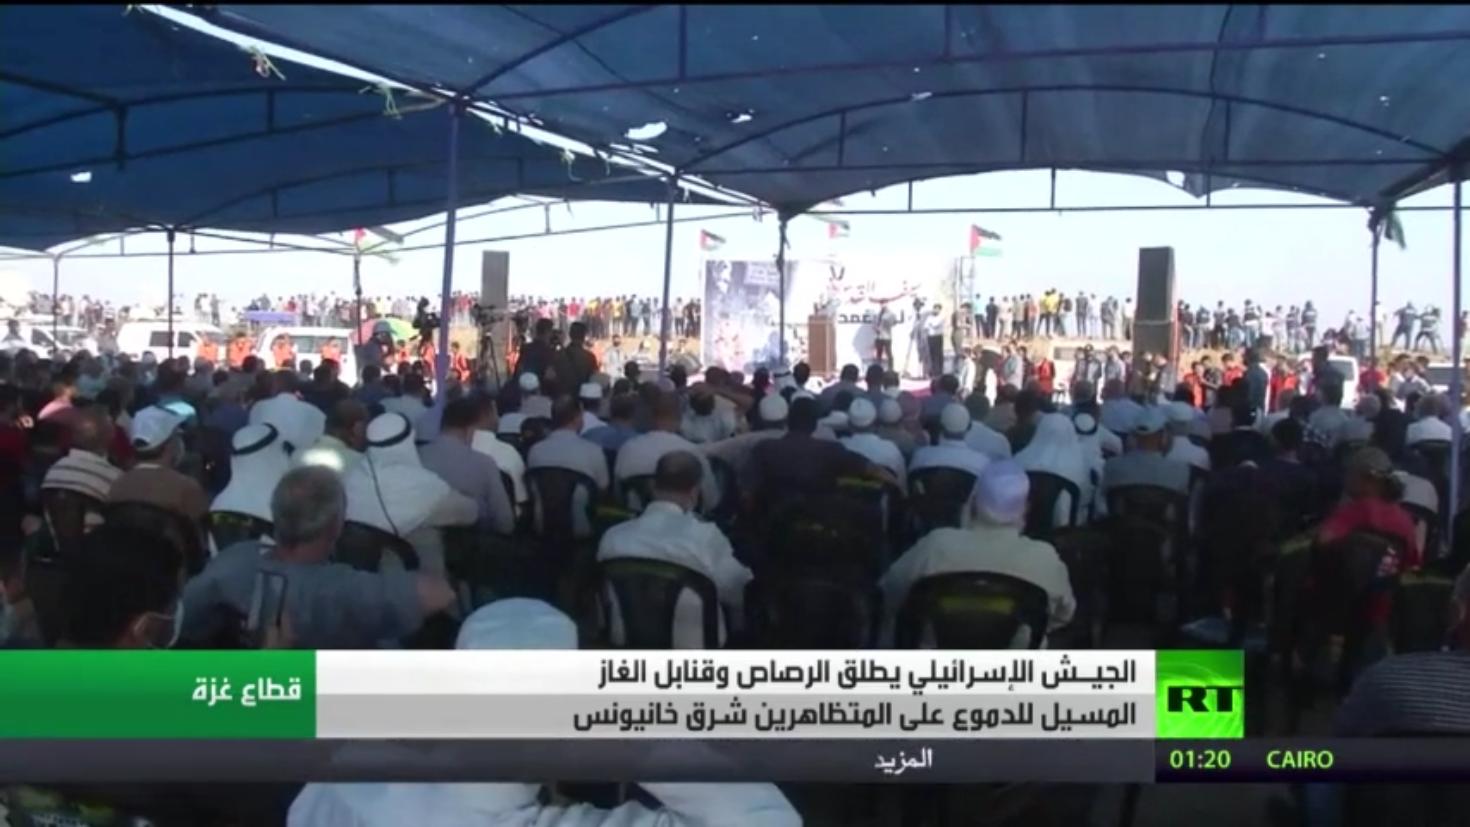 تظاهرة في قطاع غزة ضد الحصار الإسرائيلي